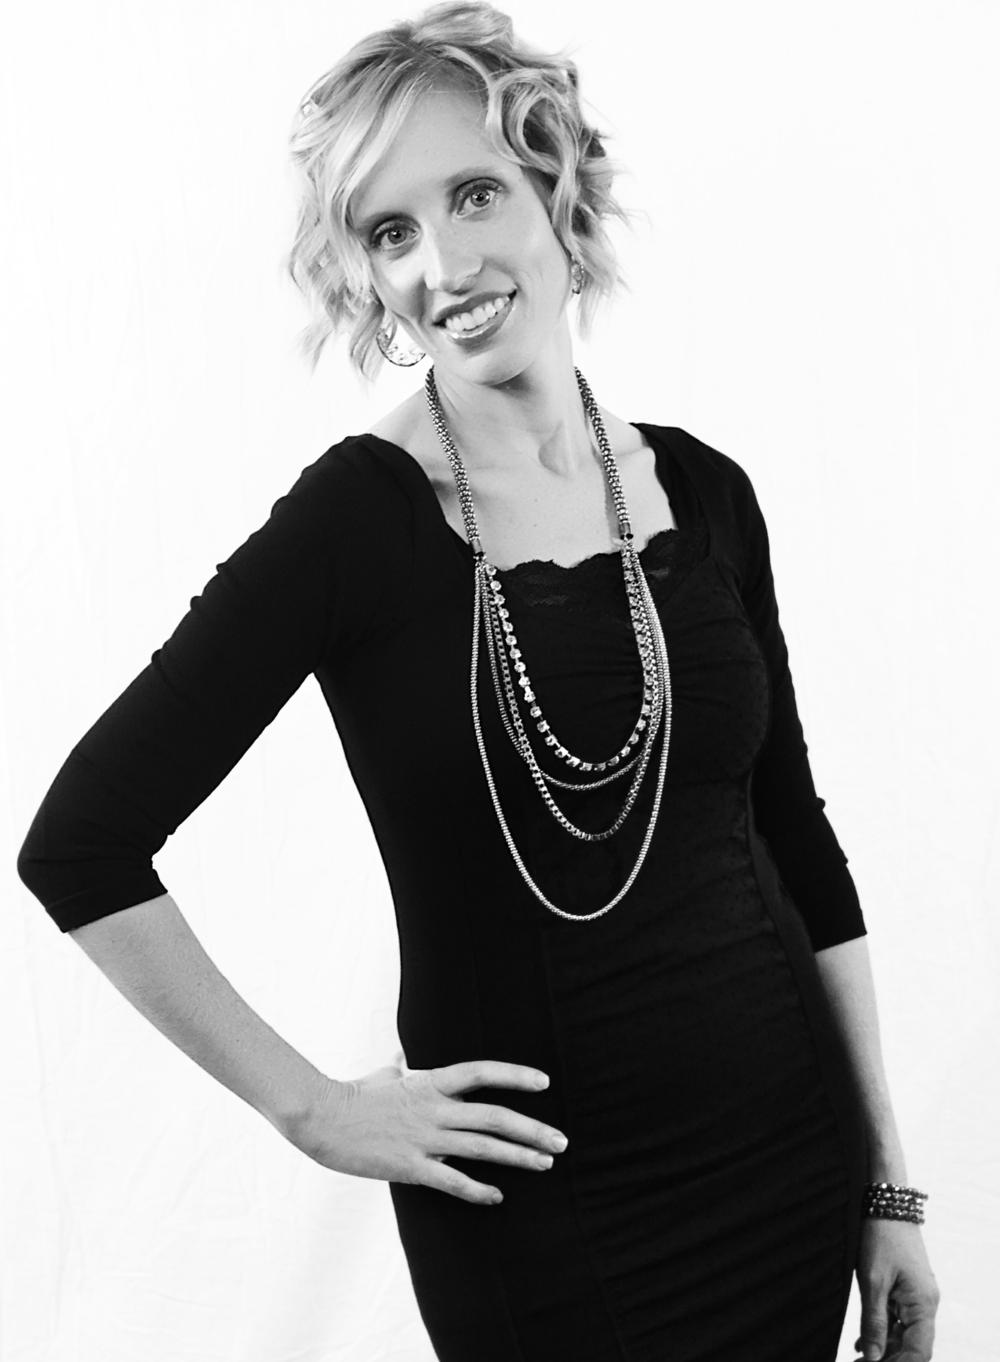 Hilary - Singer